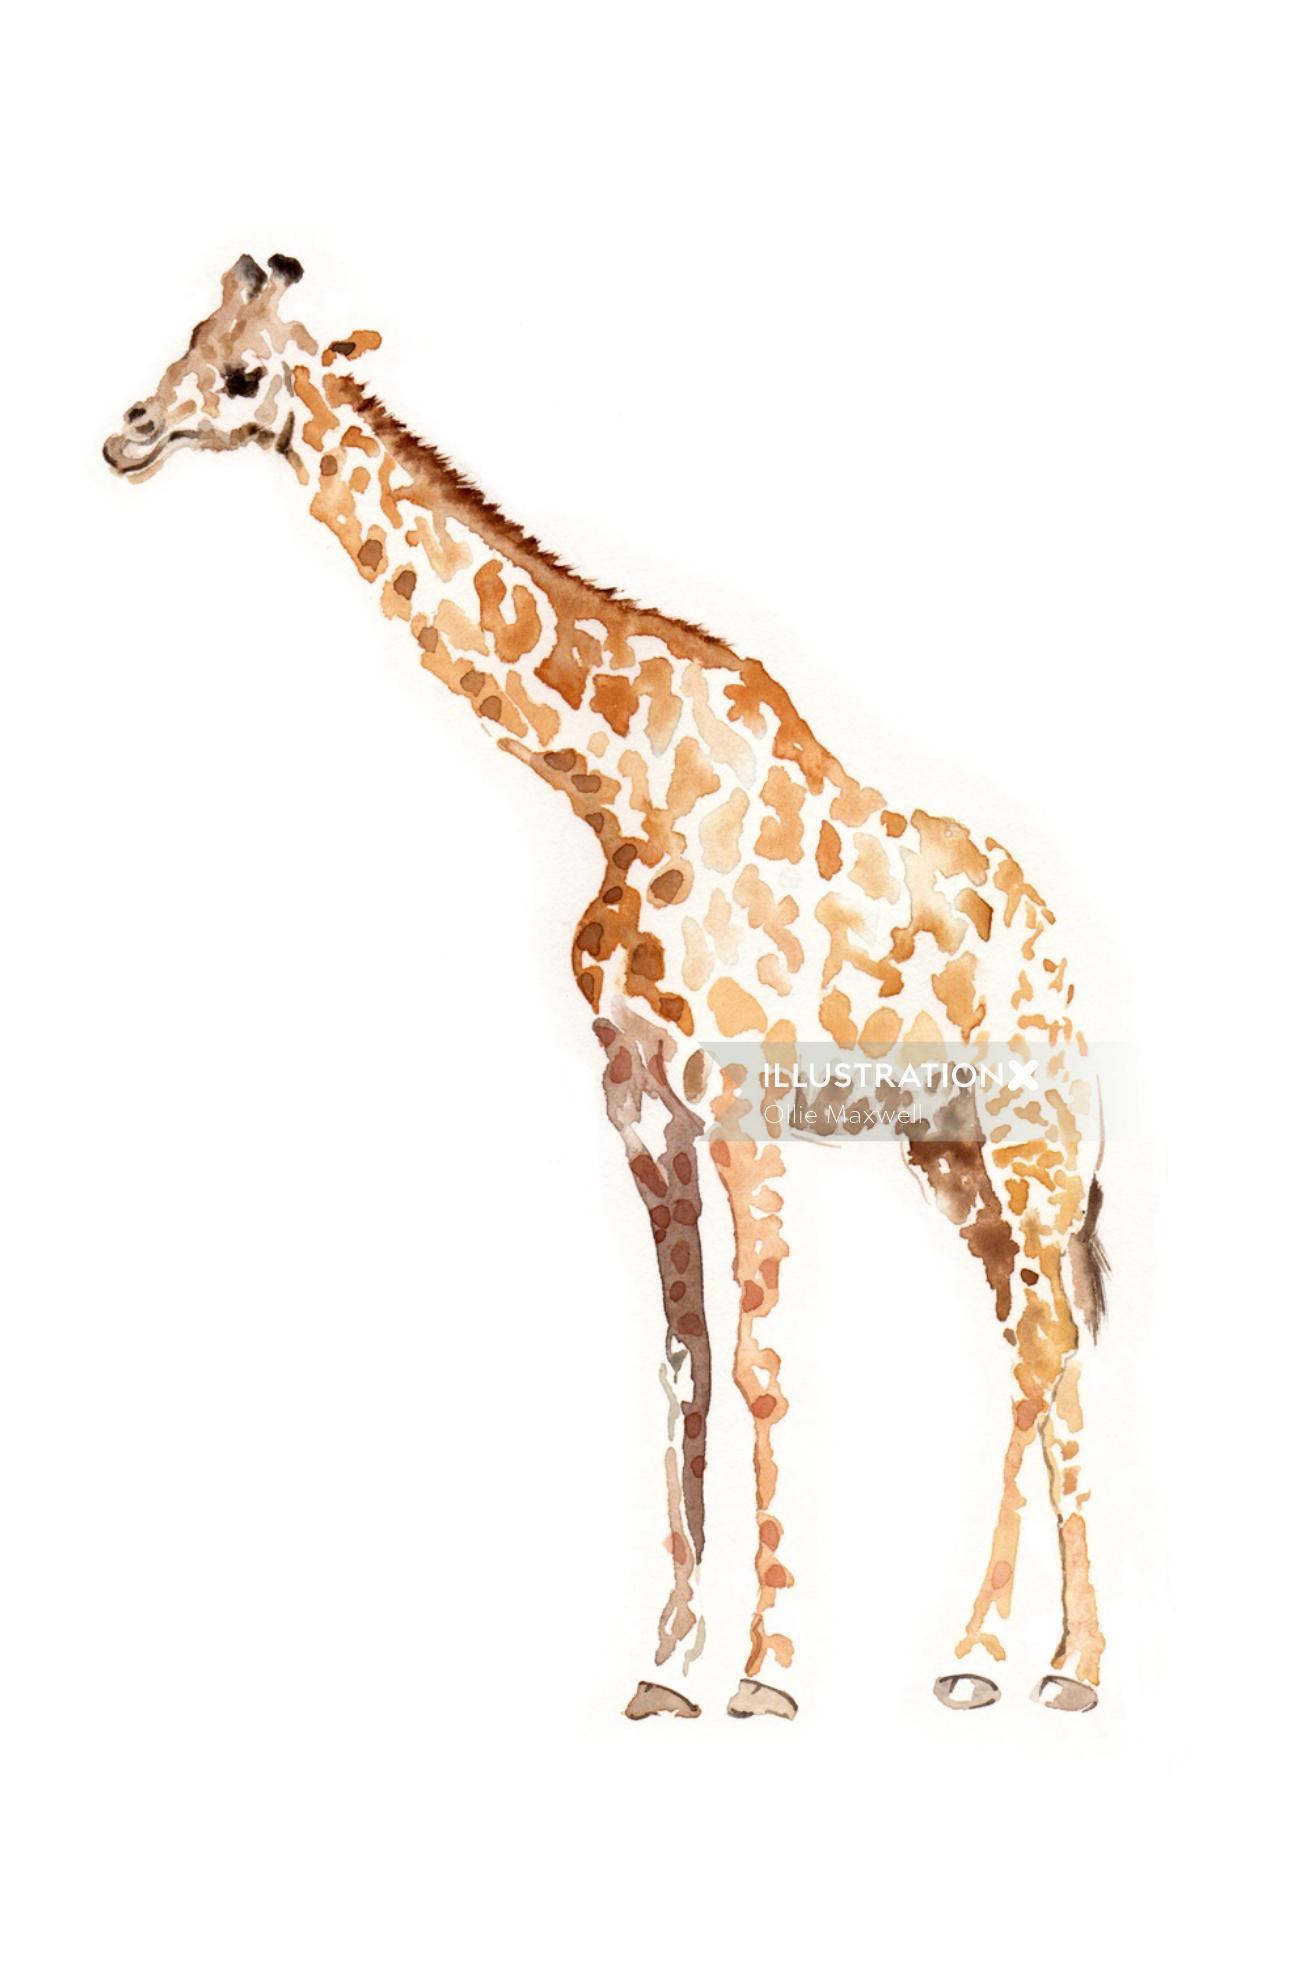 Beautiful art of Giraffe